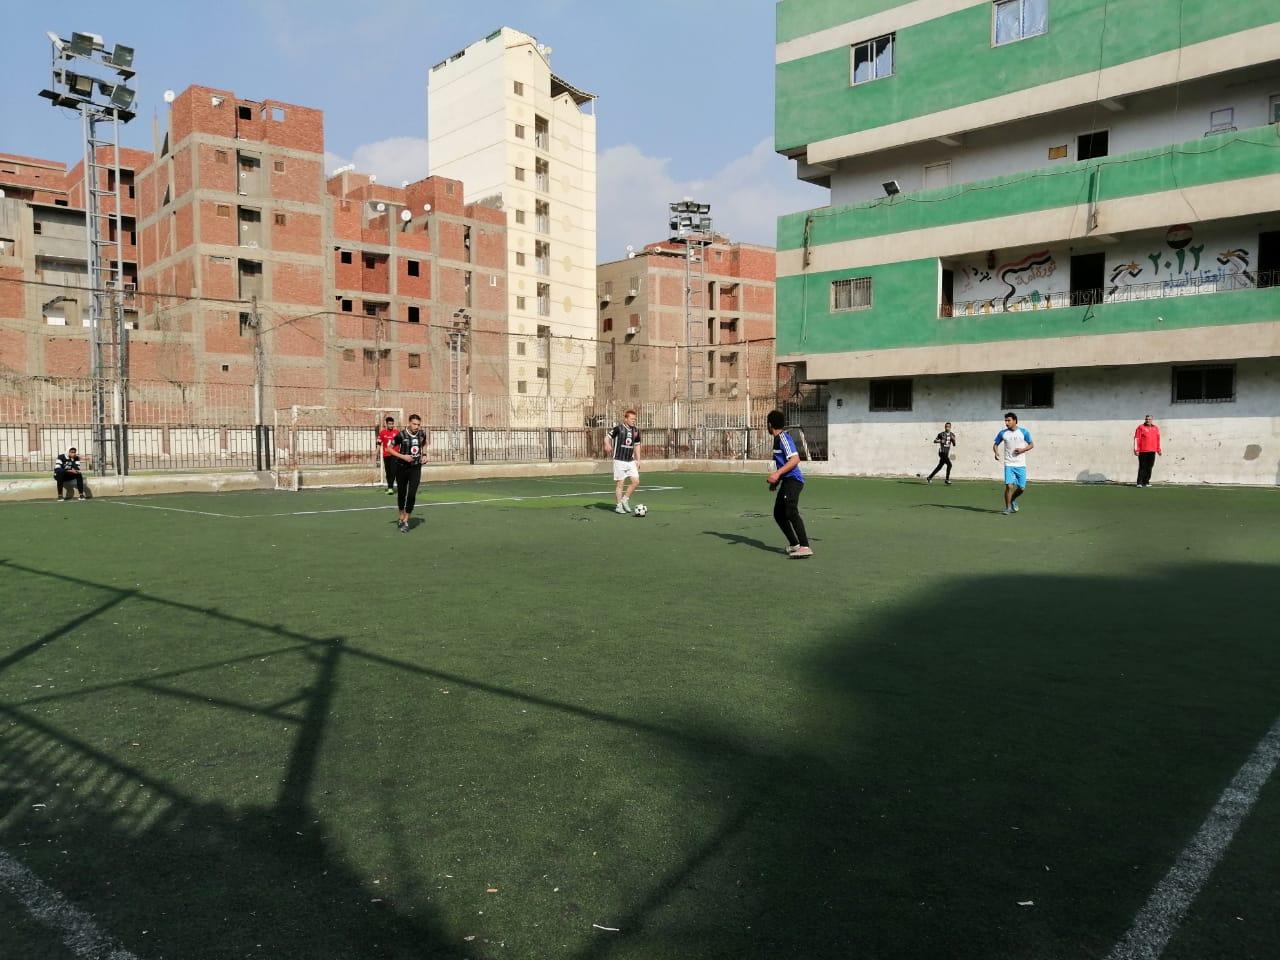 دورة لأنى رجل مصرى لكرة القدم بالقليوبية (1)